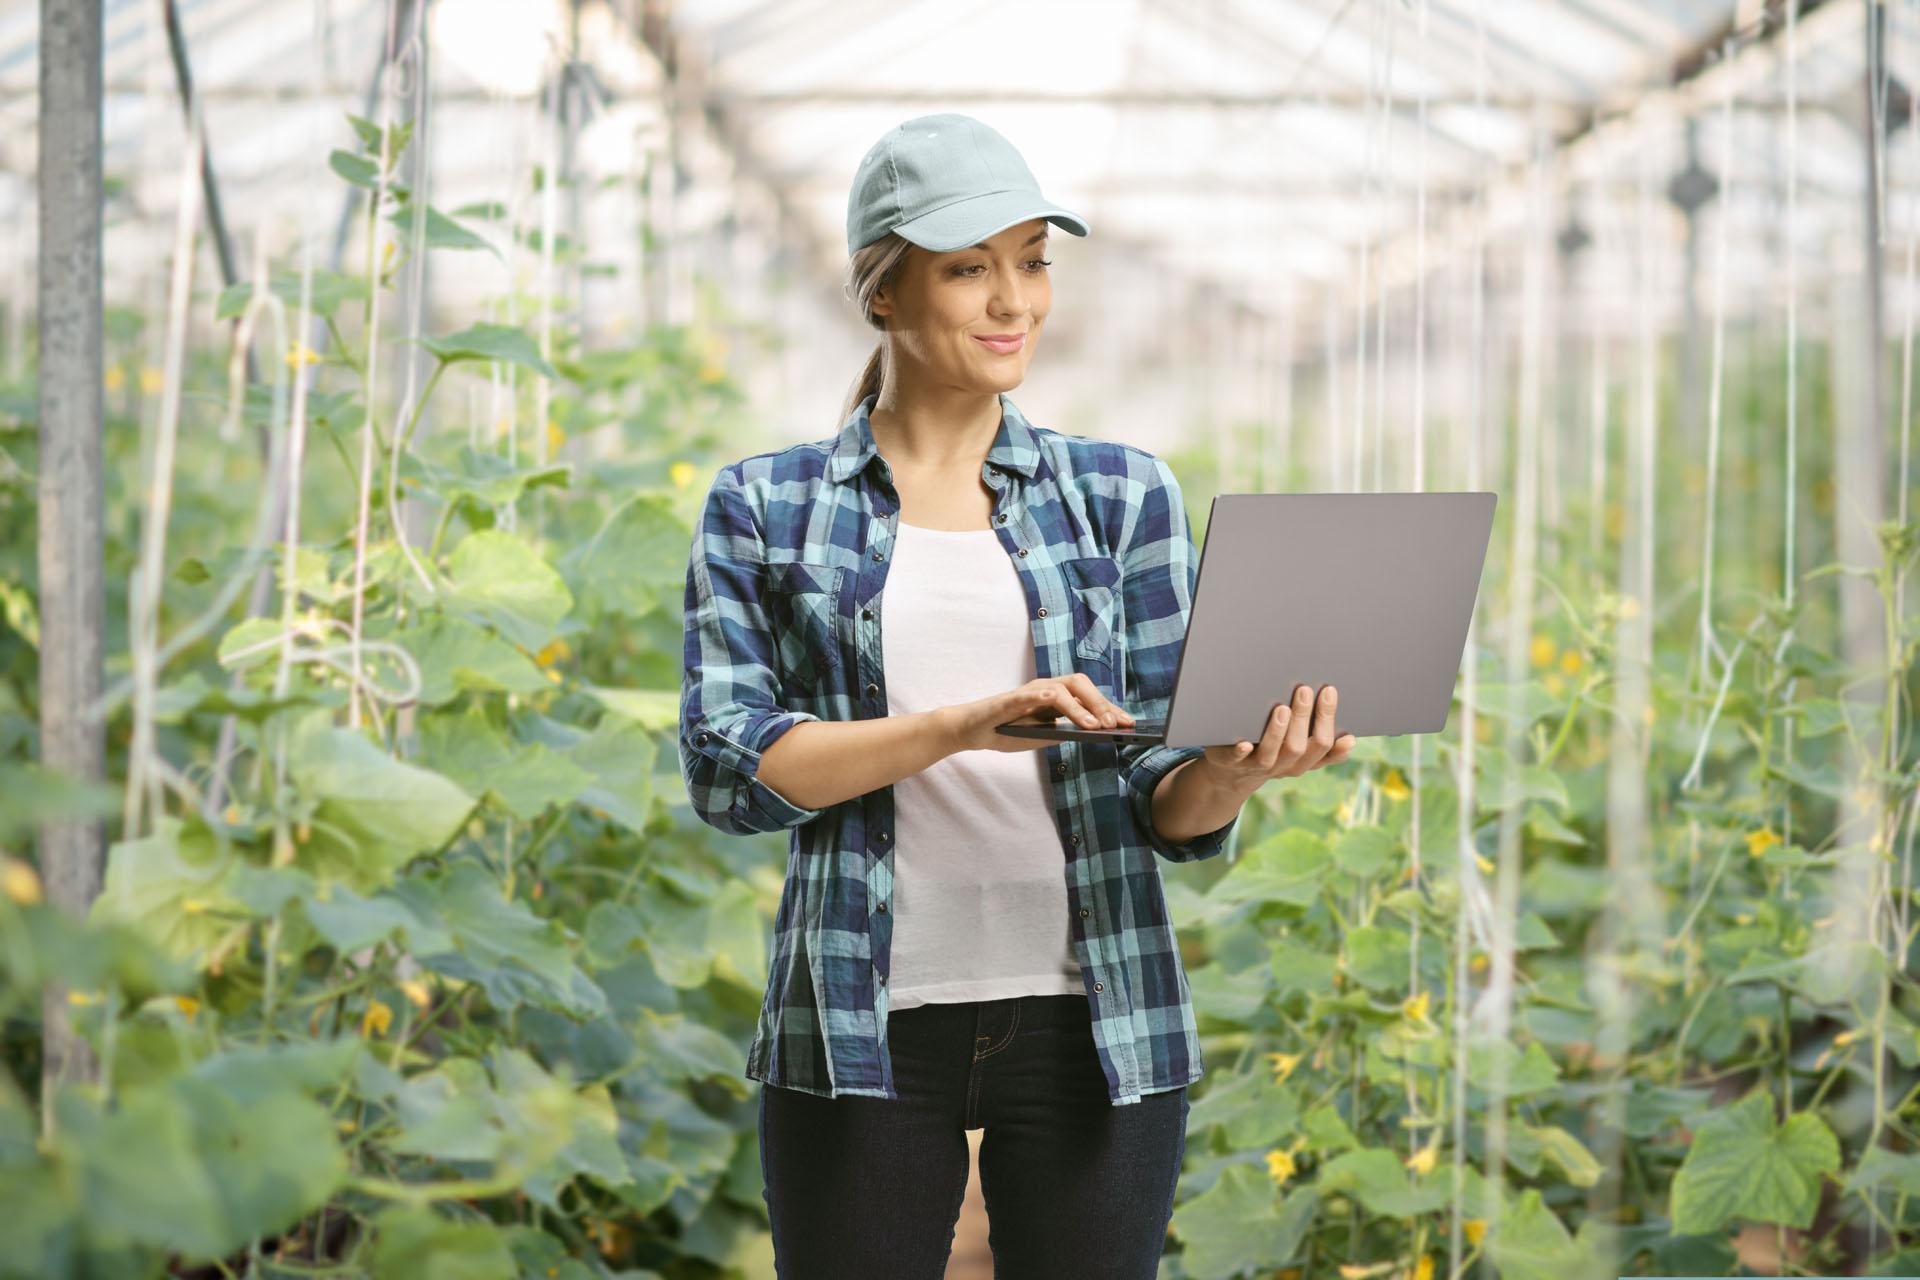 formation-jardinier-horticole